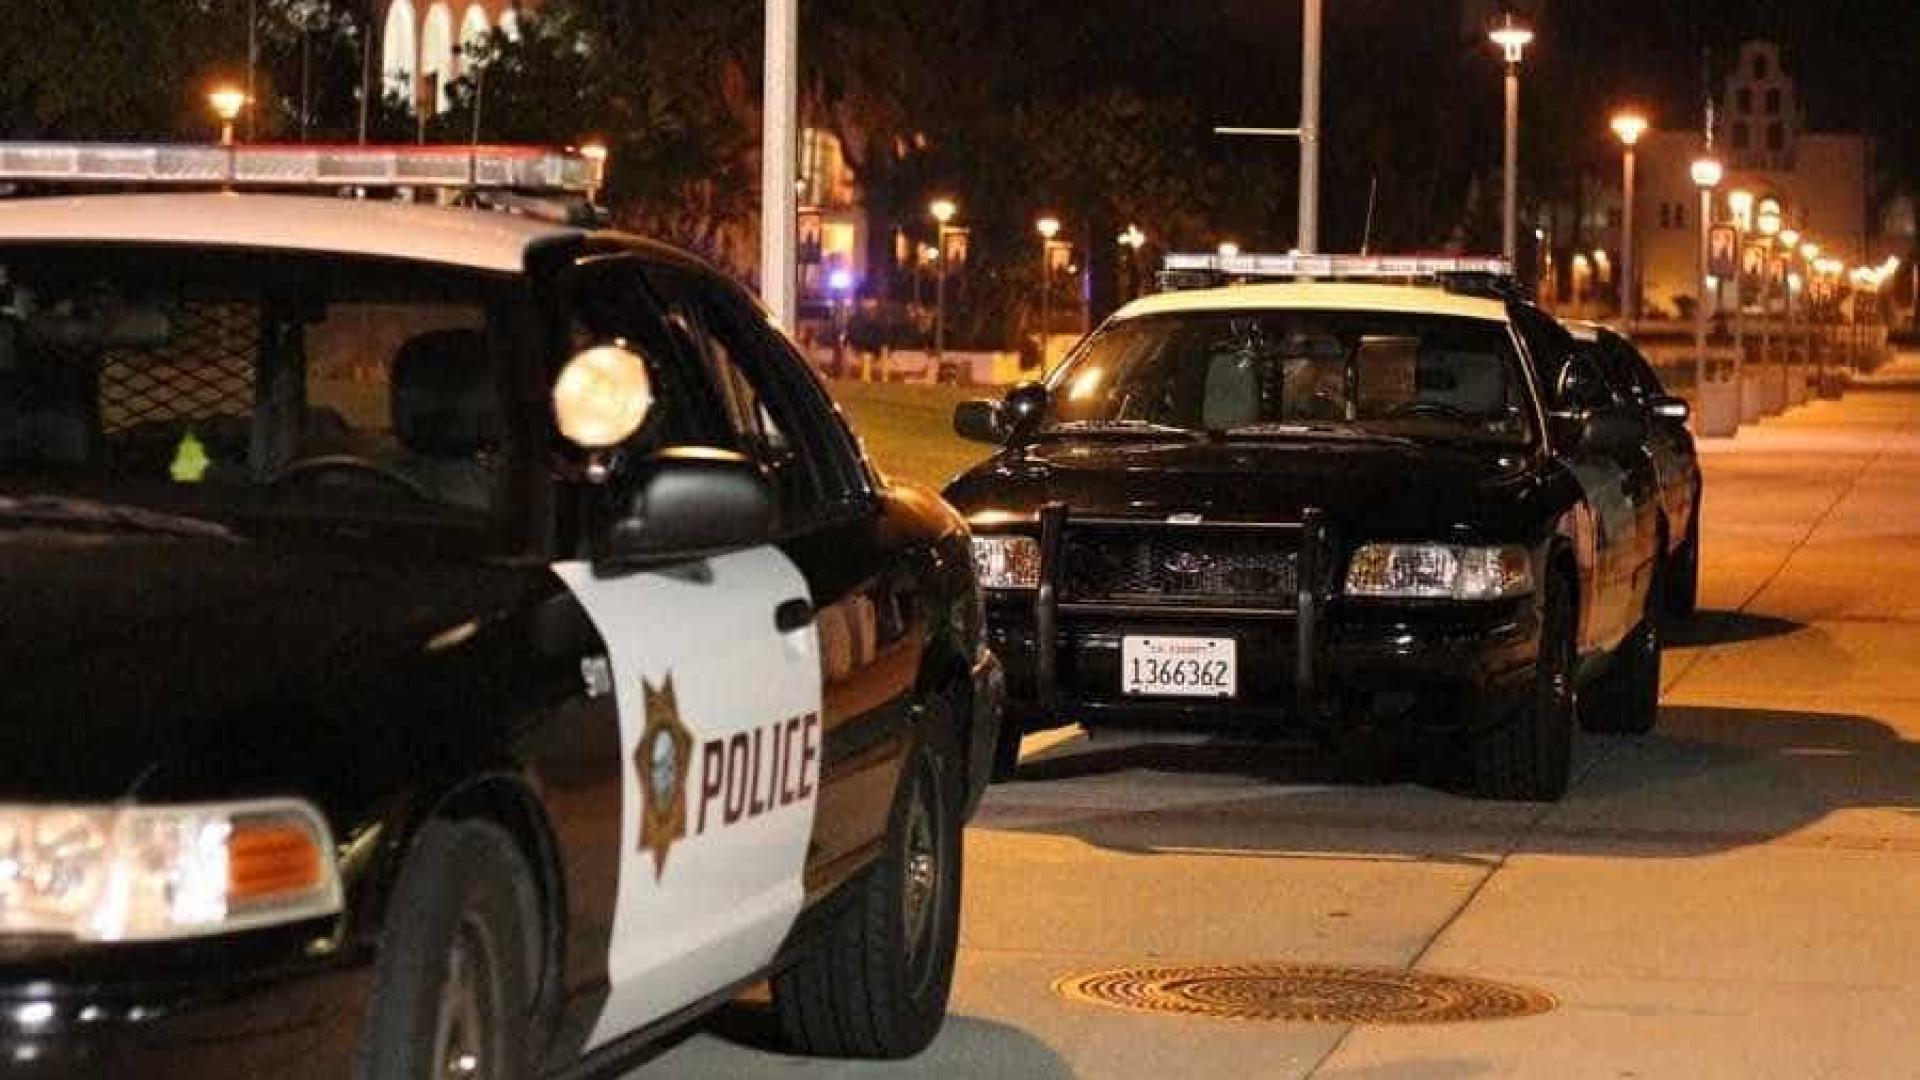 EUA: Três pessoas mortas em tiroteio em escola, incluindo atirador